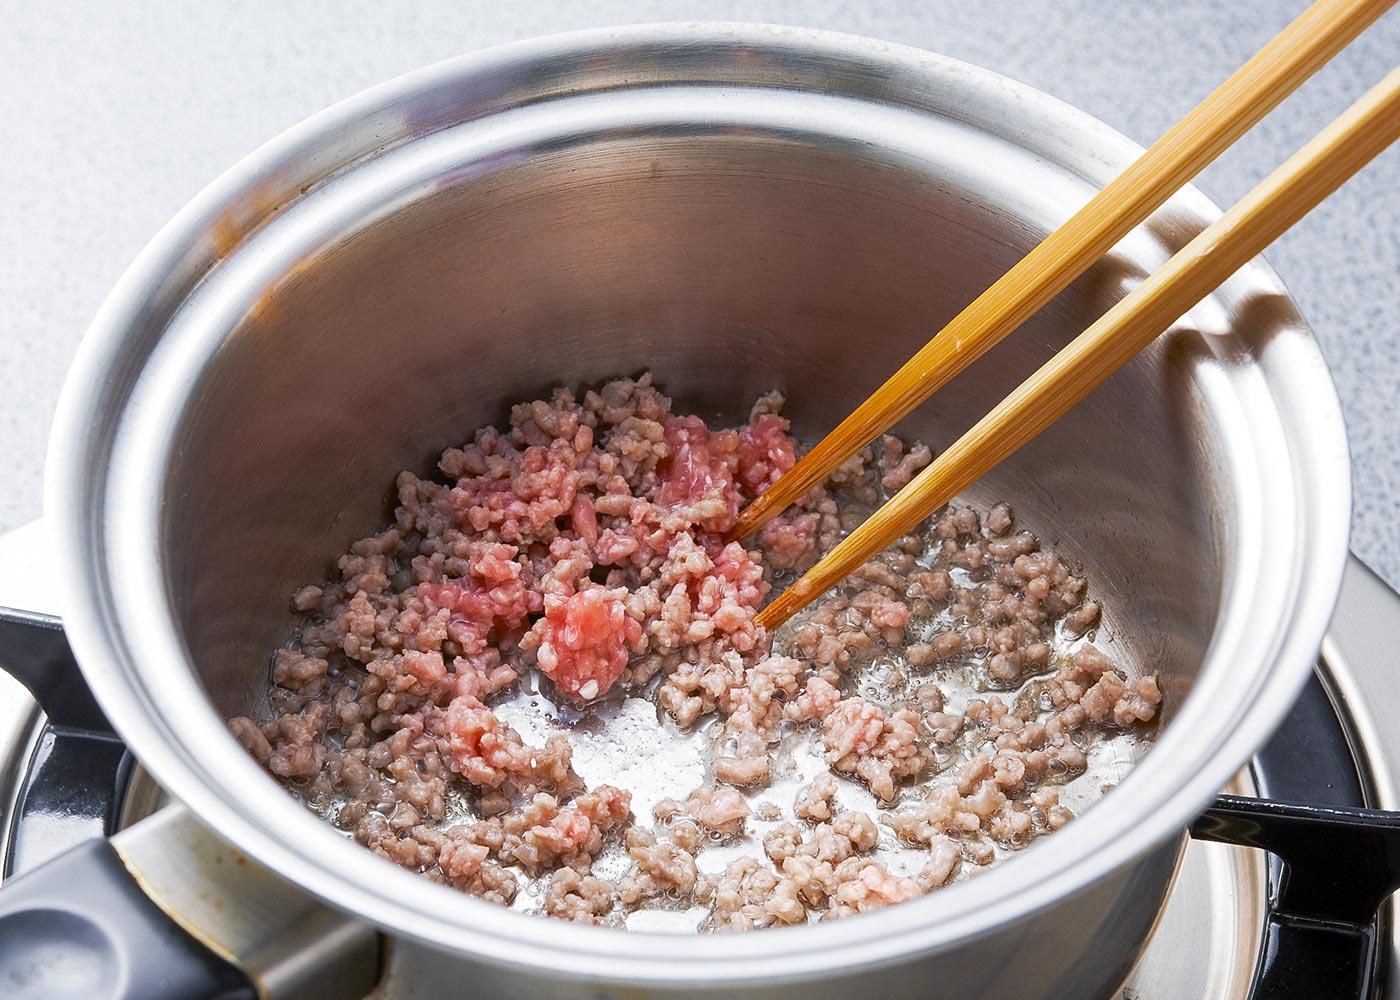 豚ひき肉は小鍋に入れ、泡立て器で混ぜながら油なしでから炒りし★、みそとおろしにんにくで調味